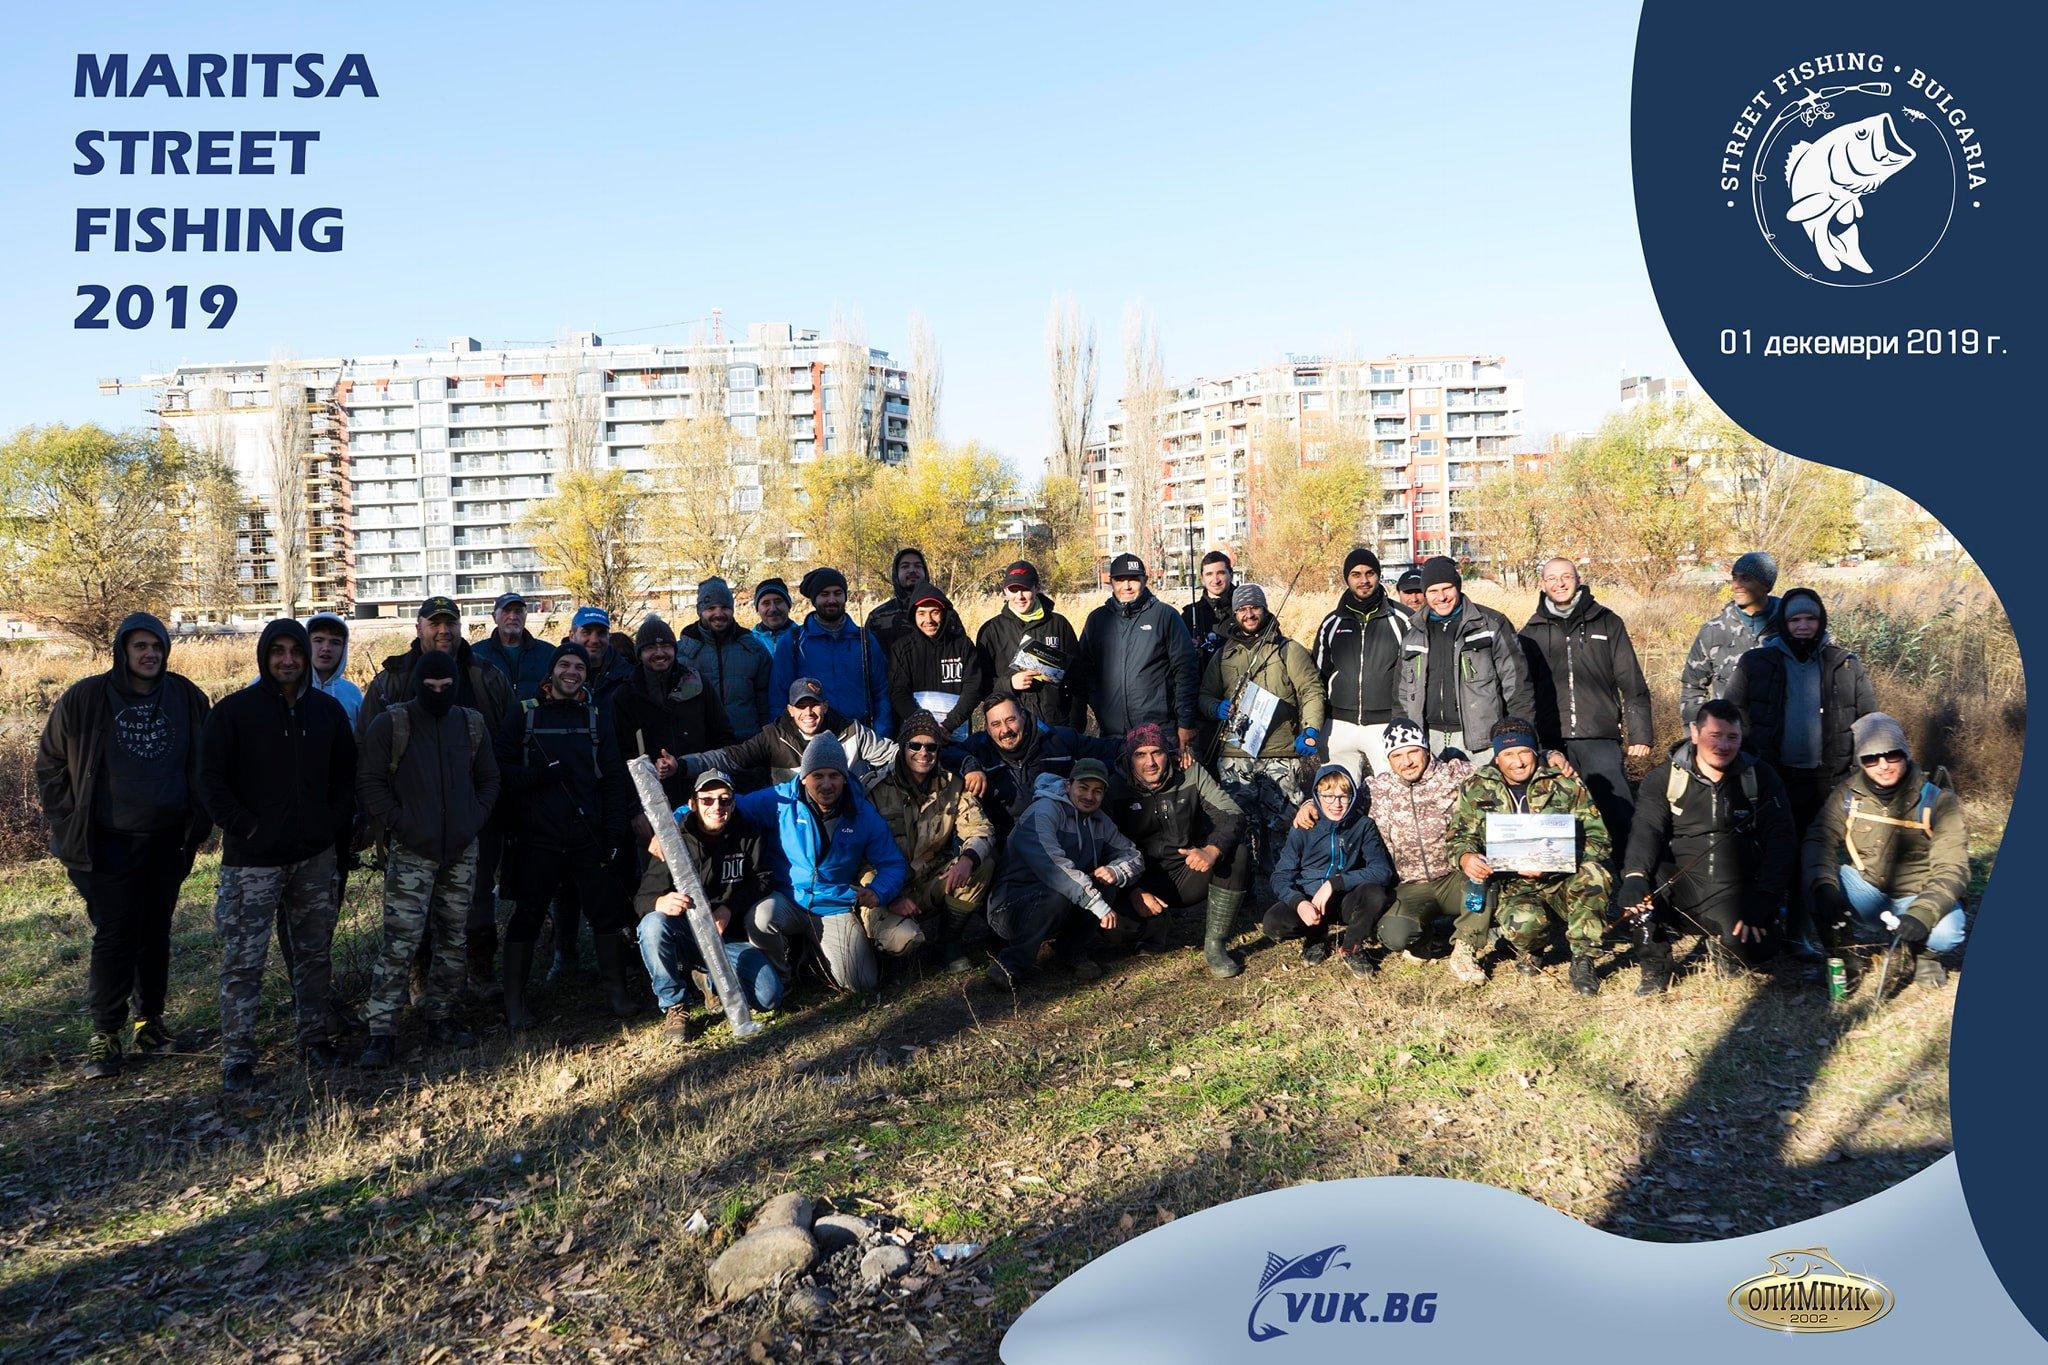 Maritsa Street Fishing 2019 - състезанието (01.12.2019)